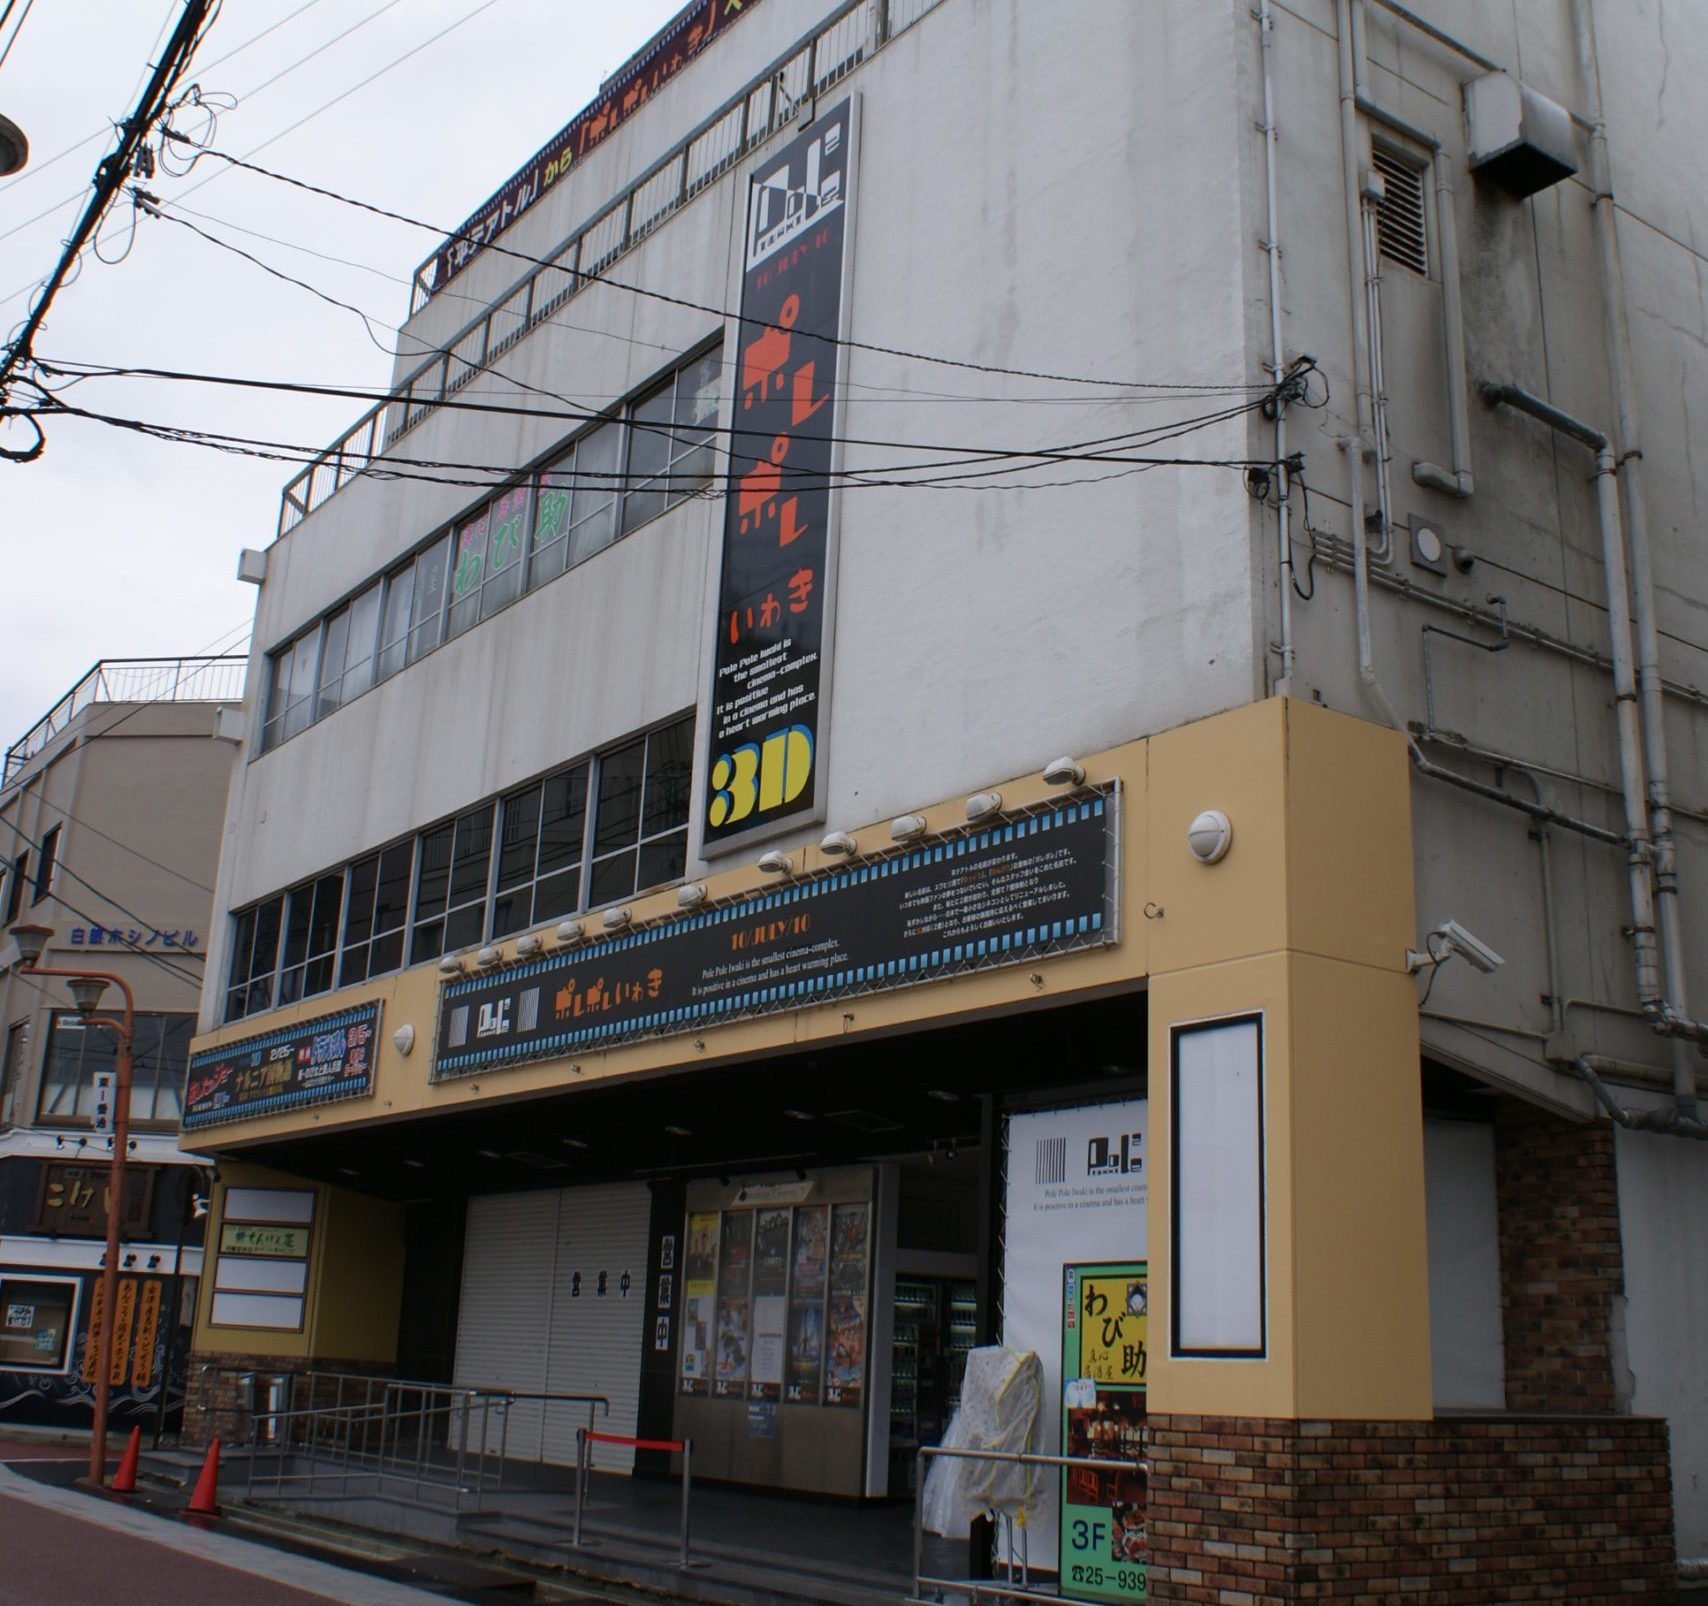 ポレポレいわき【現:まちポレいわき1&2】(福島県)